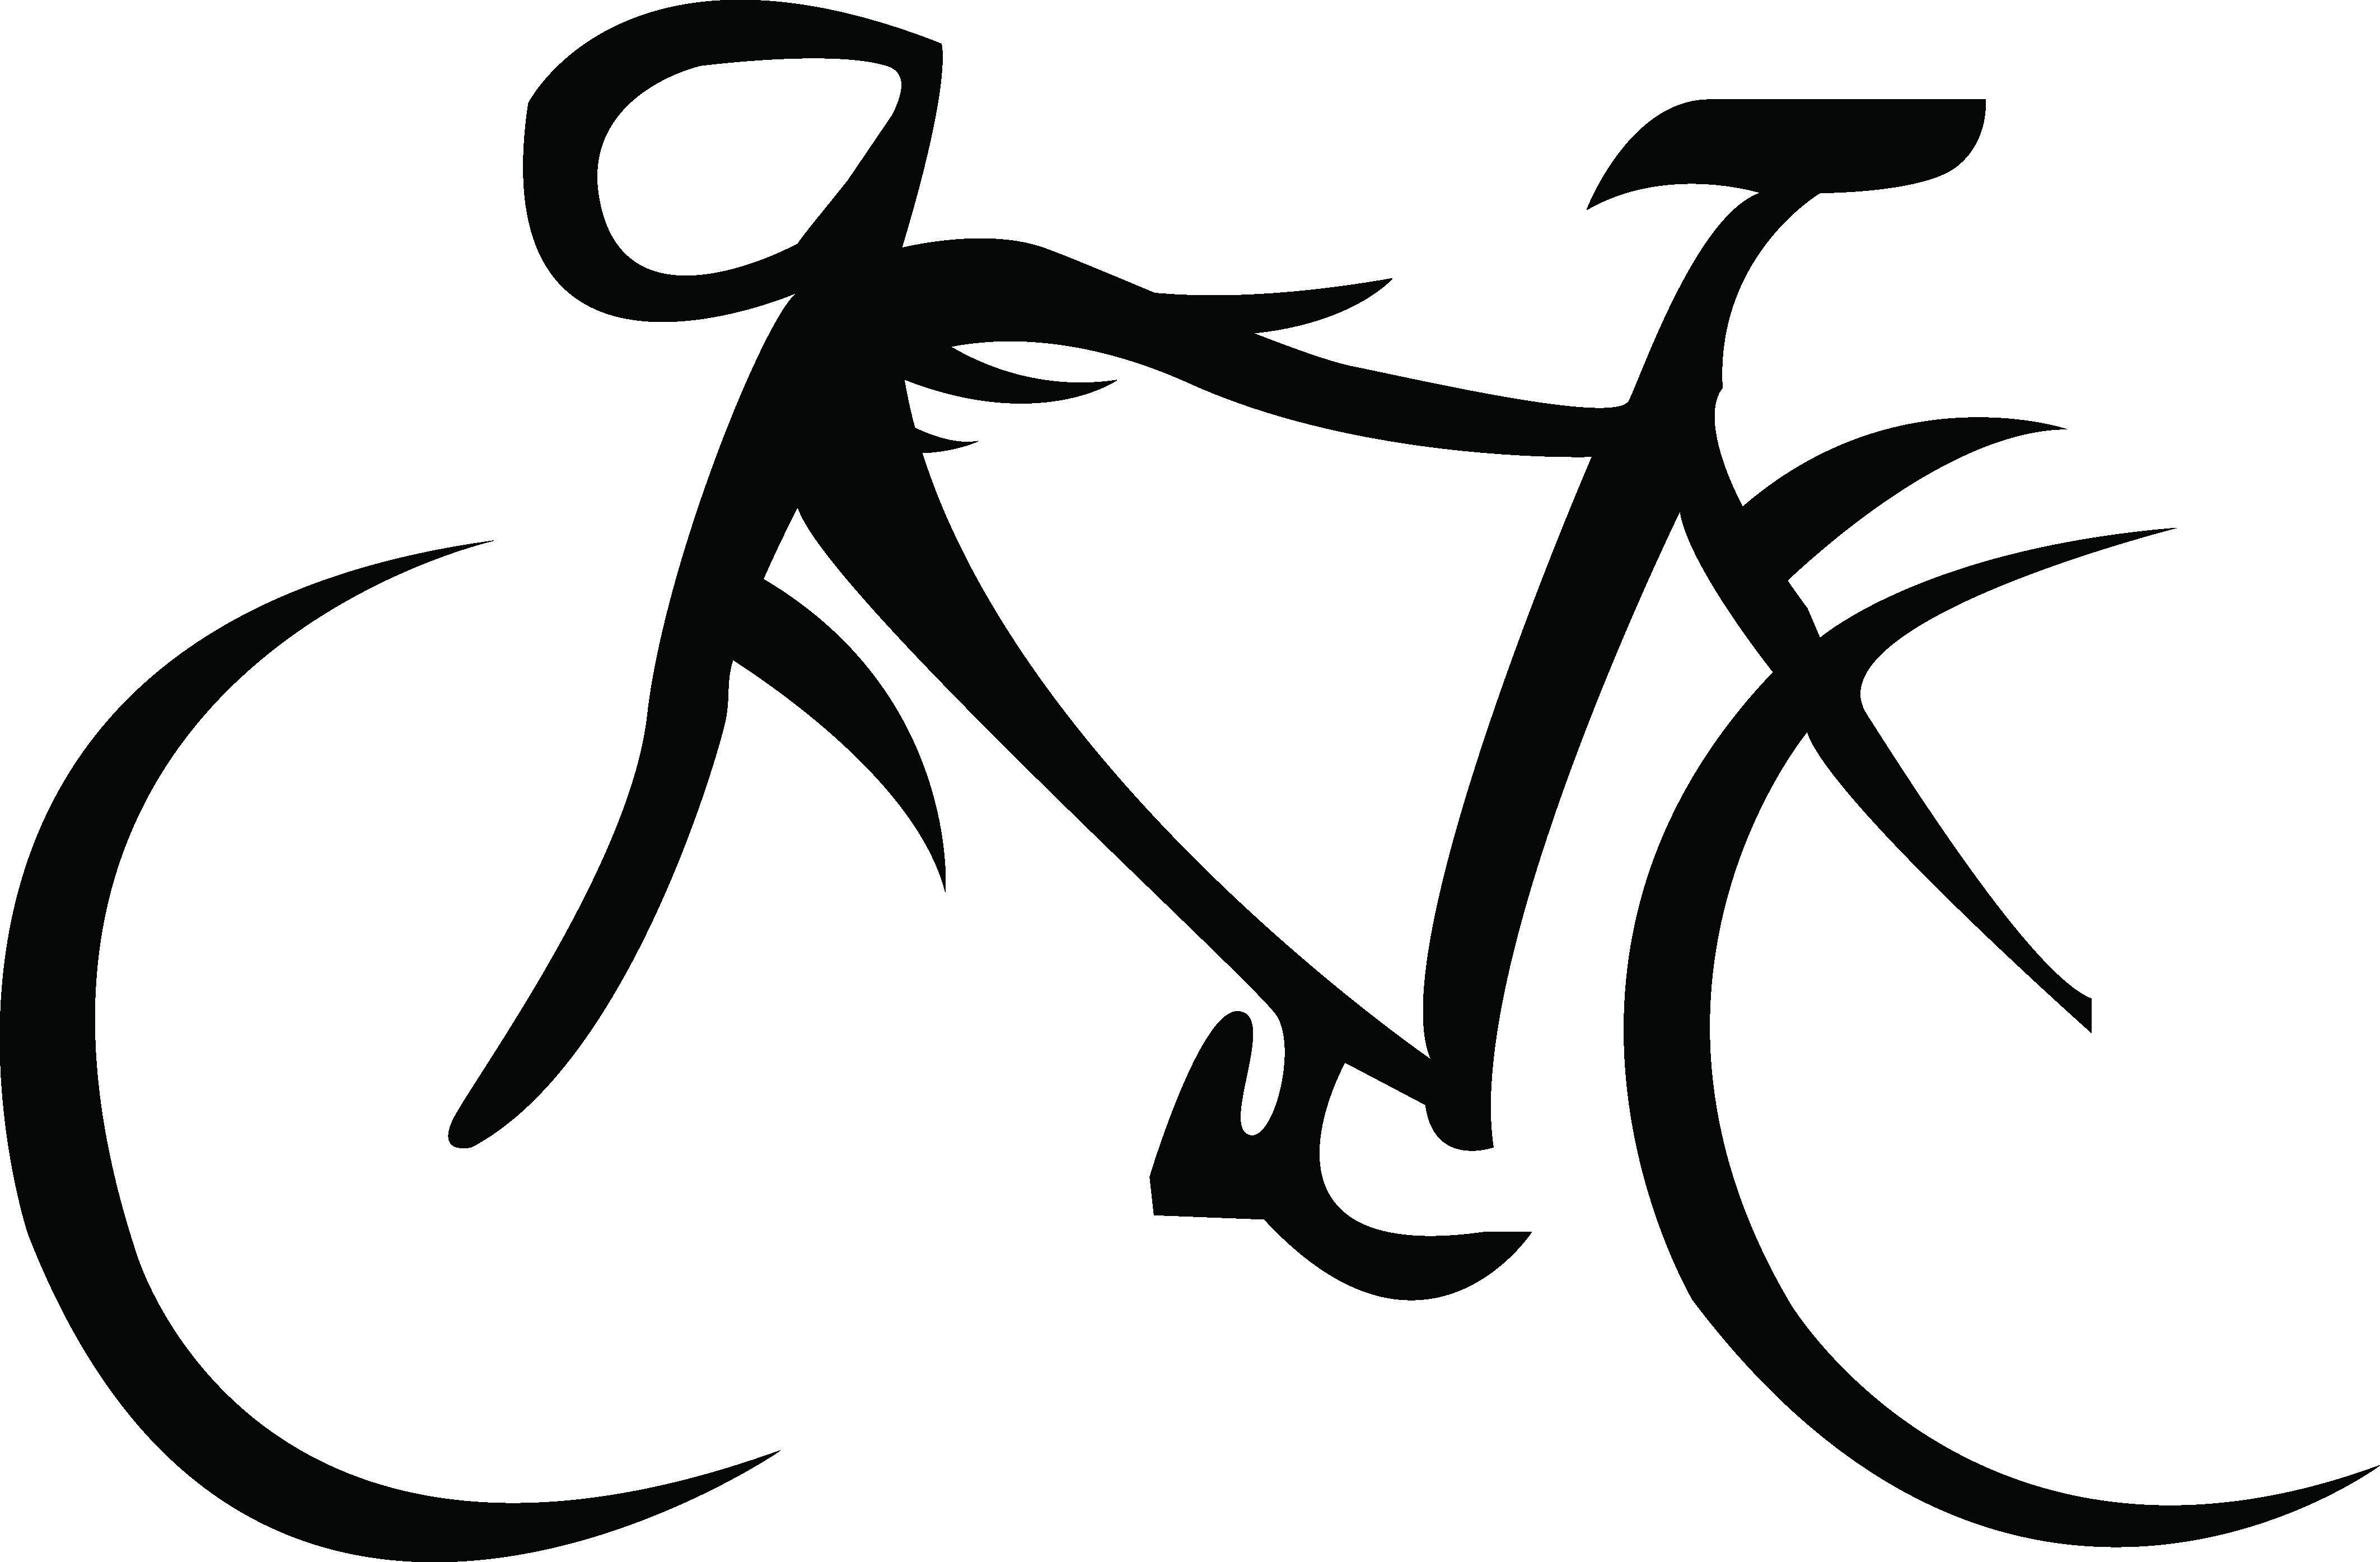 Bike Tribal Tattoo Tattoo Ideas Bicycle Tattoo Cycling Tattoo